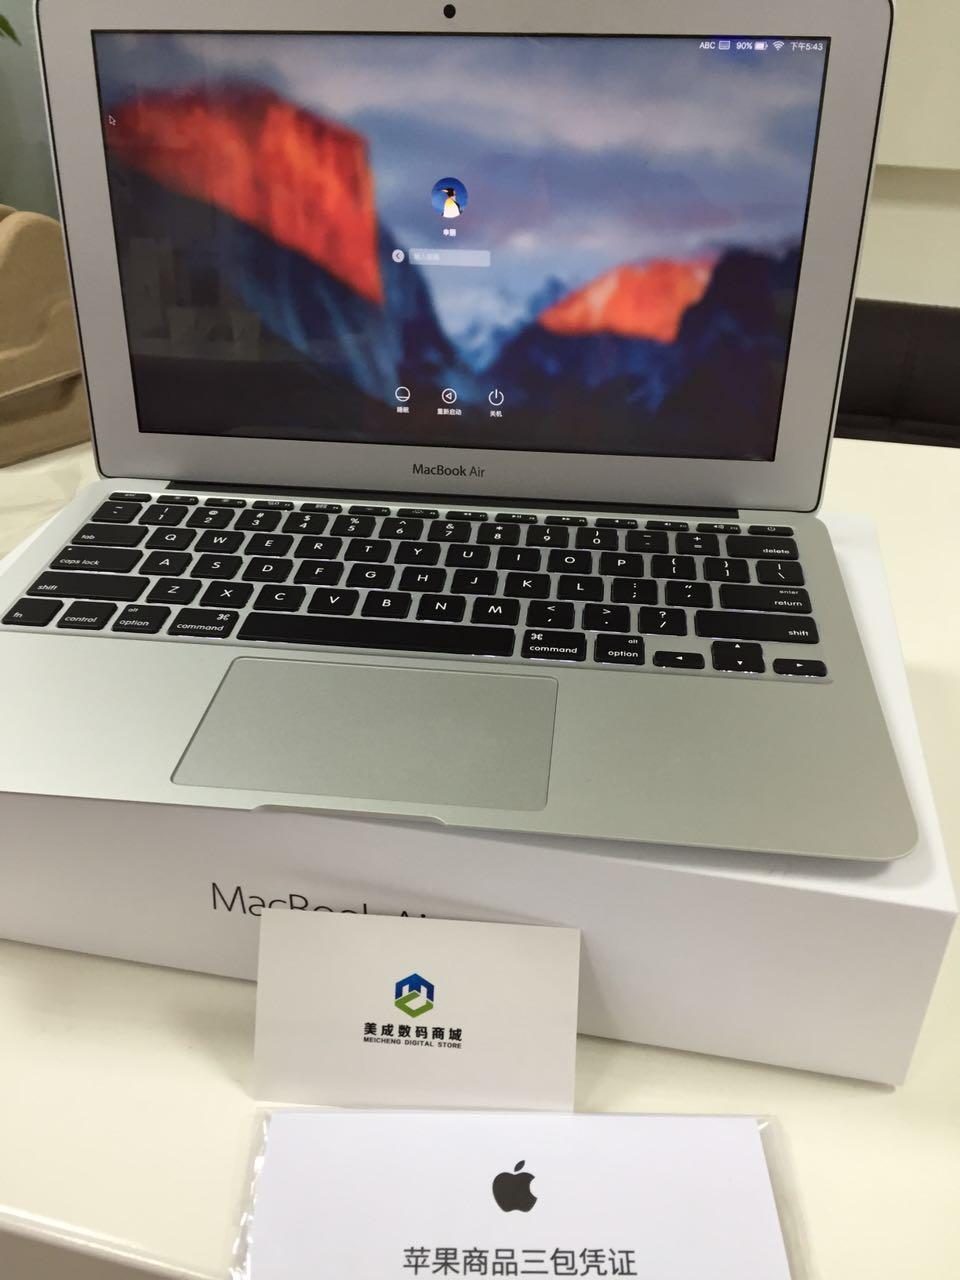 苹果笔记本,笔记本电脑,mac bookair,电脑图片